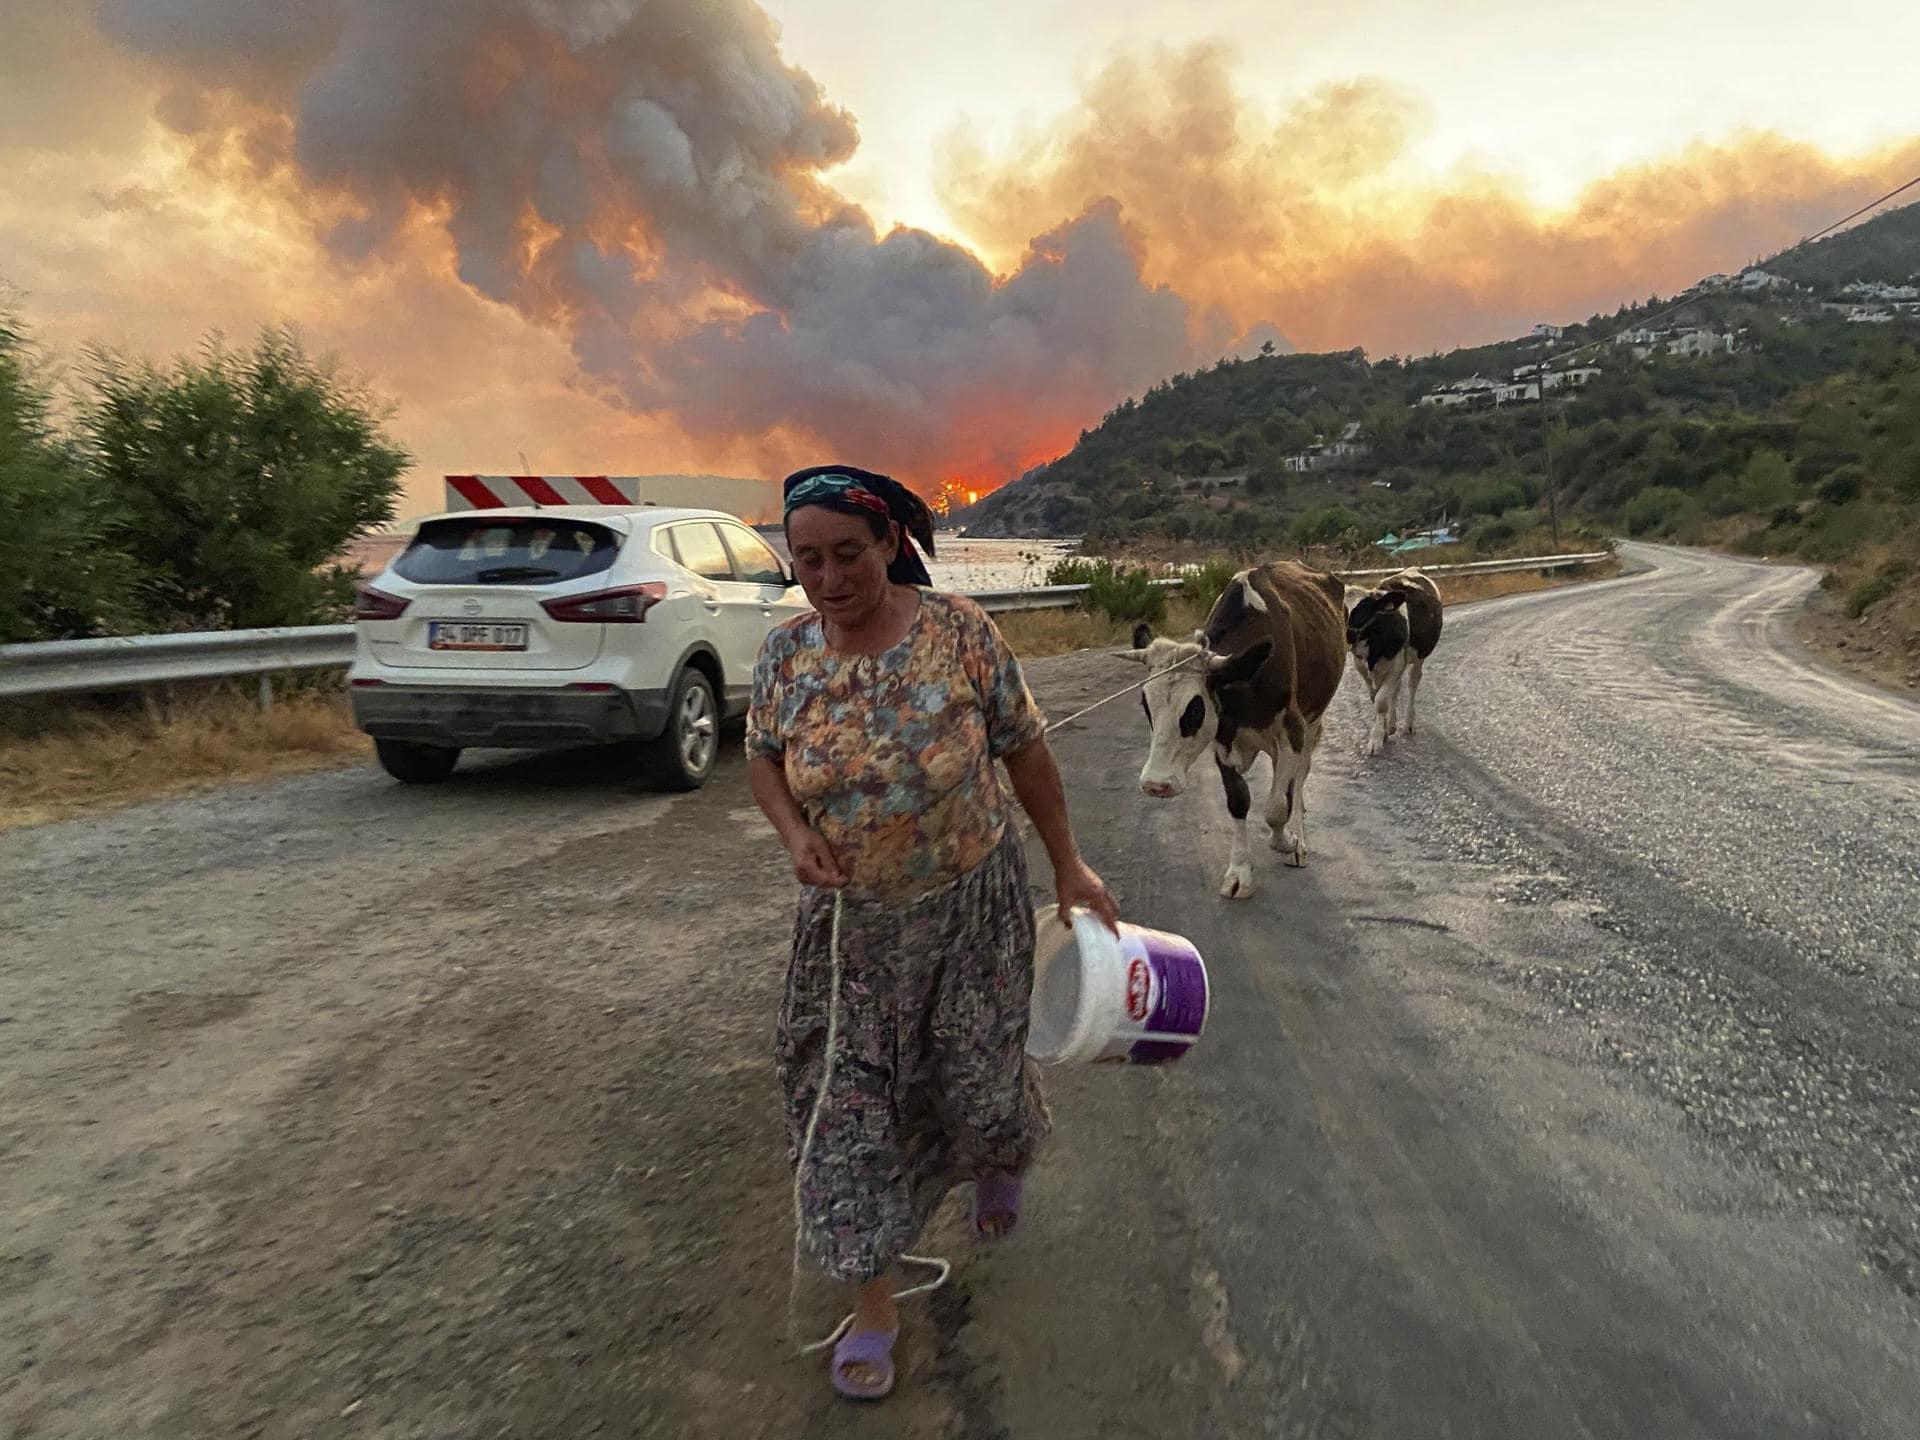 Extremwetter: Waldbrände in Südeuropa toben weiter